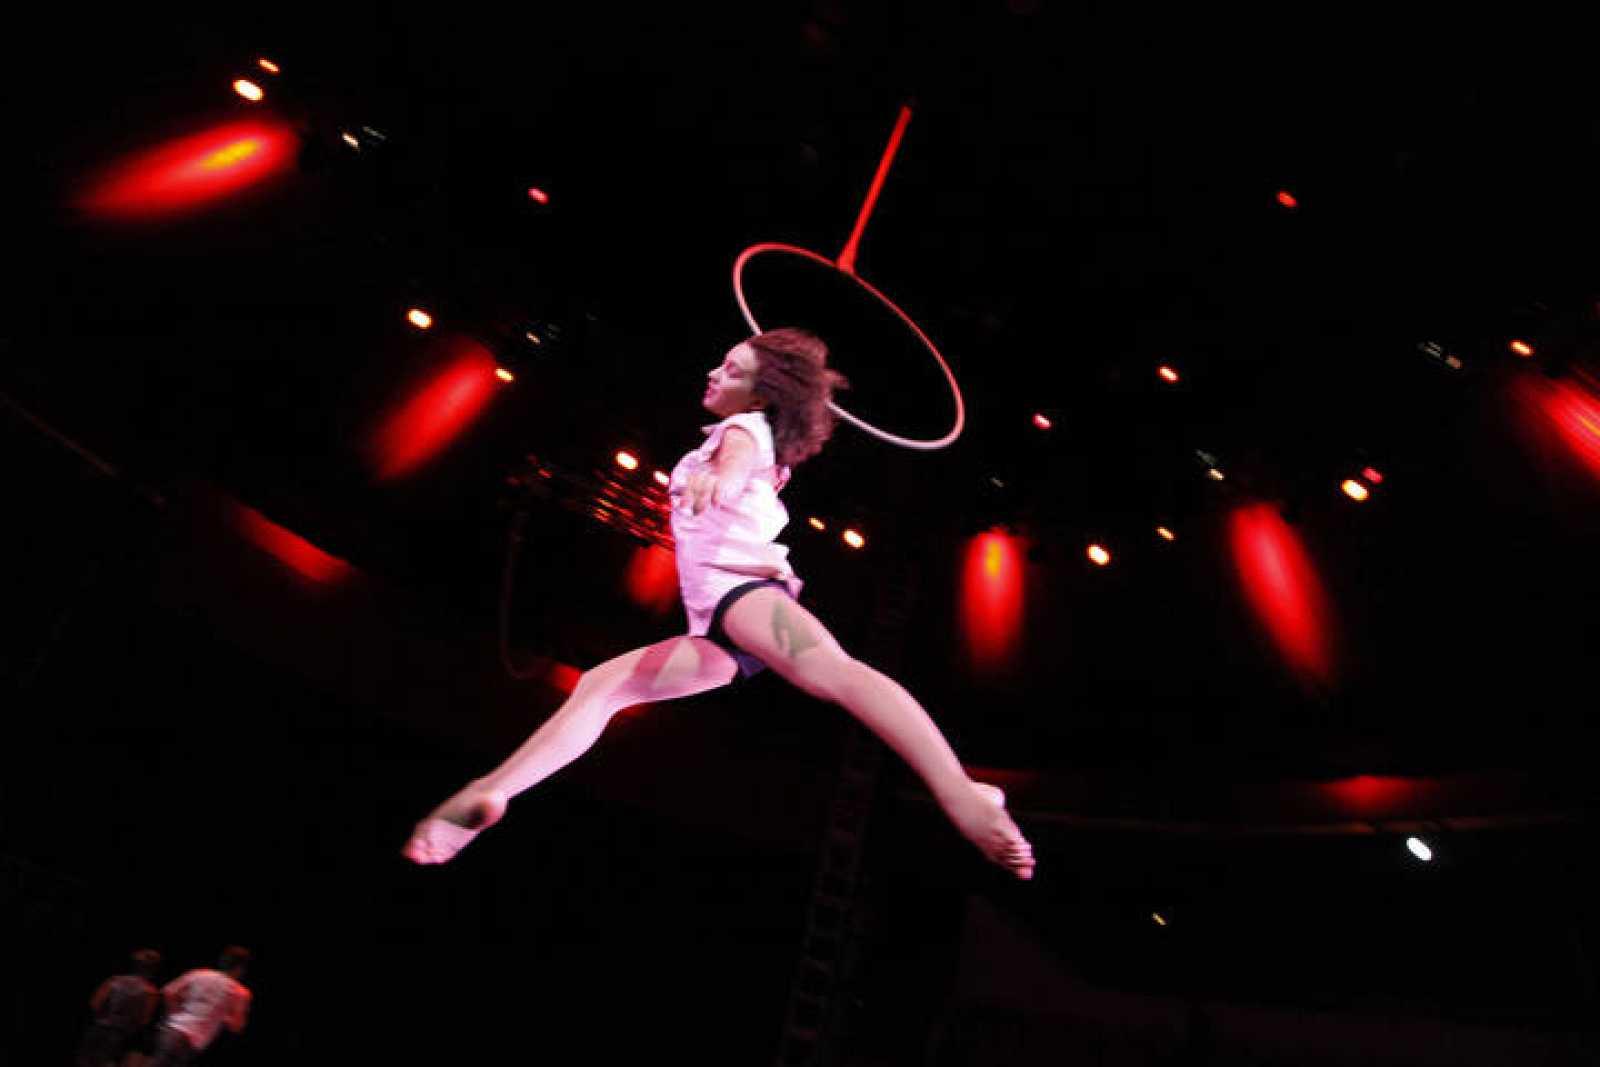 Premio Nacional de Circo 2011